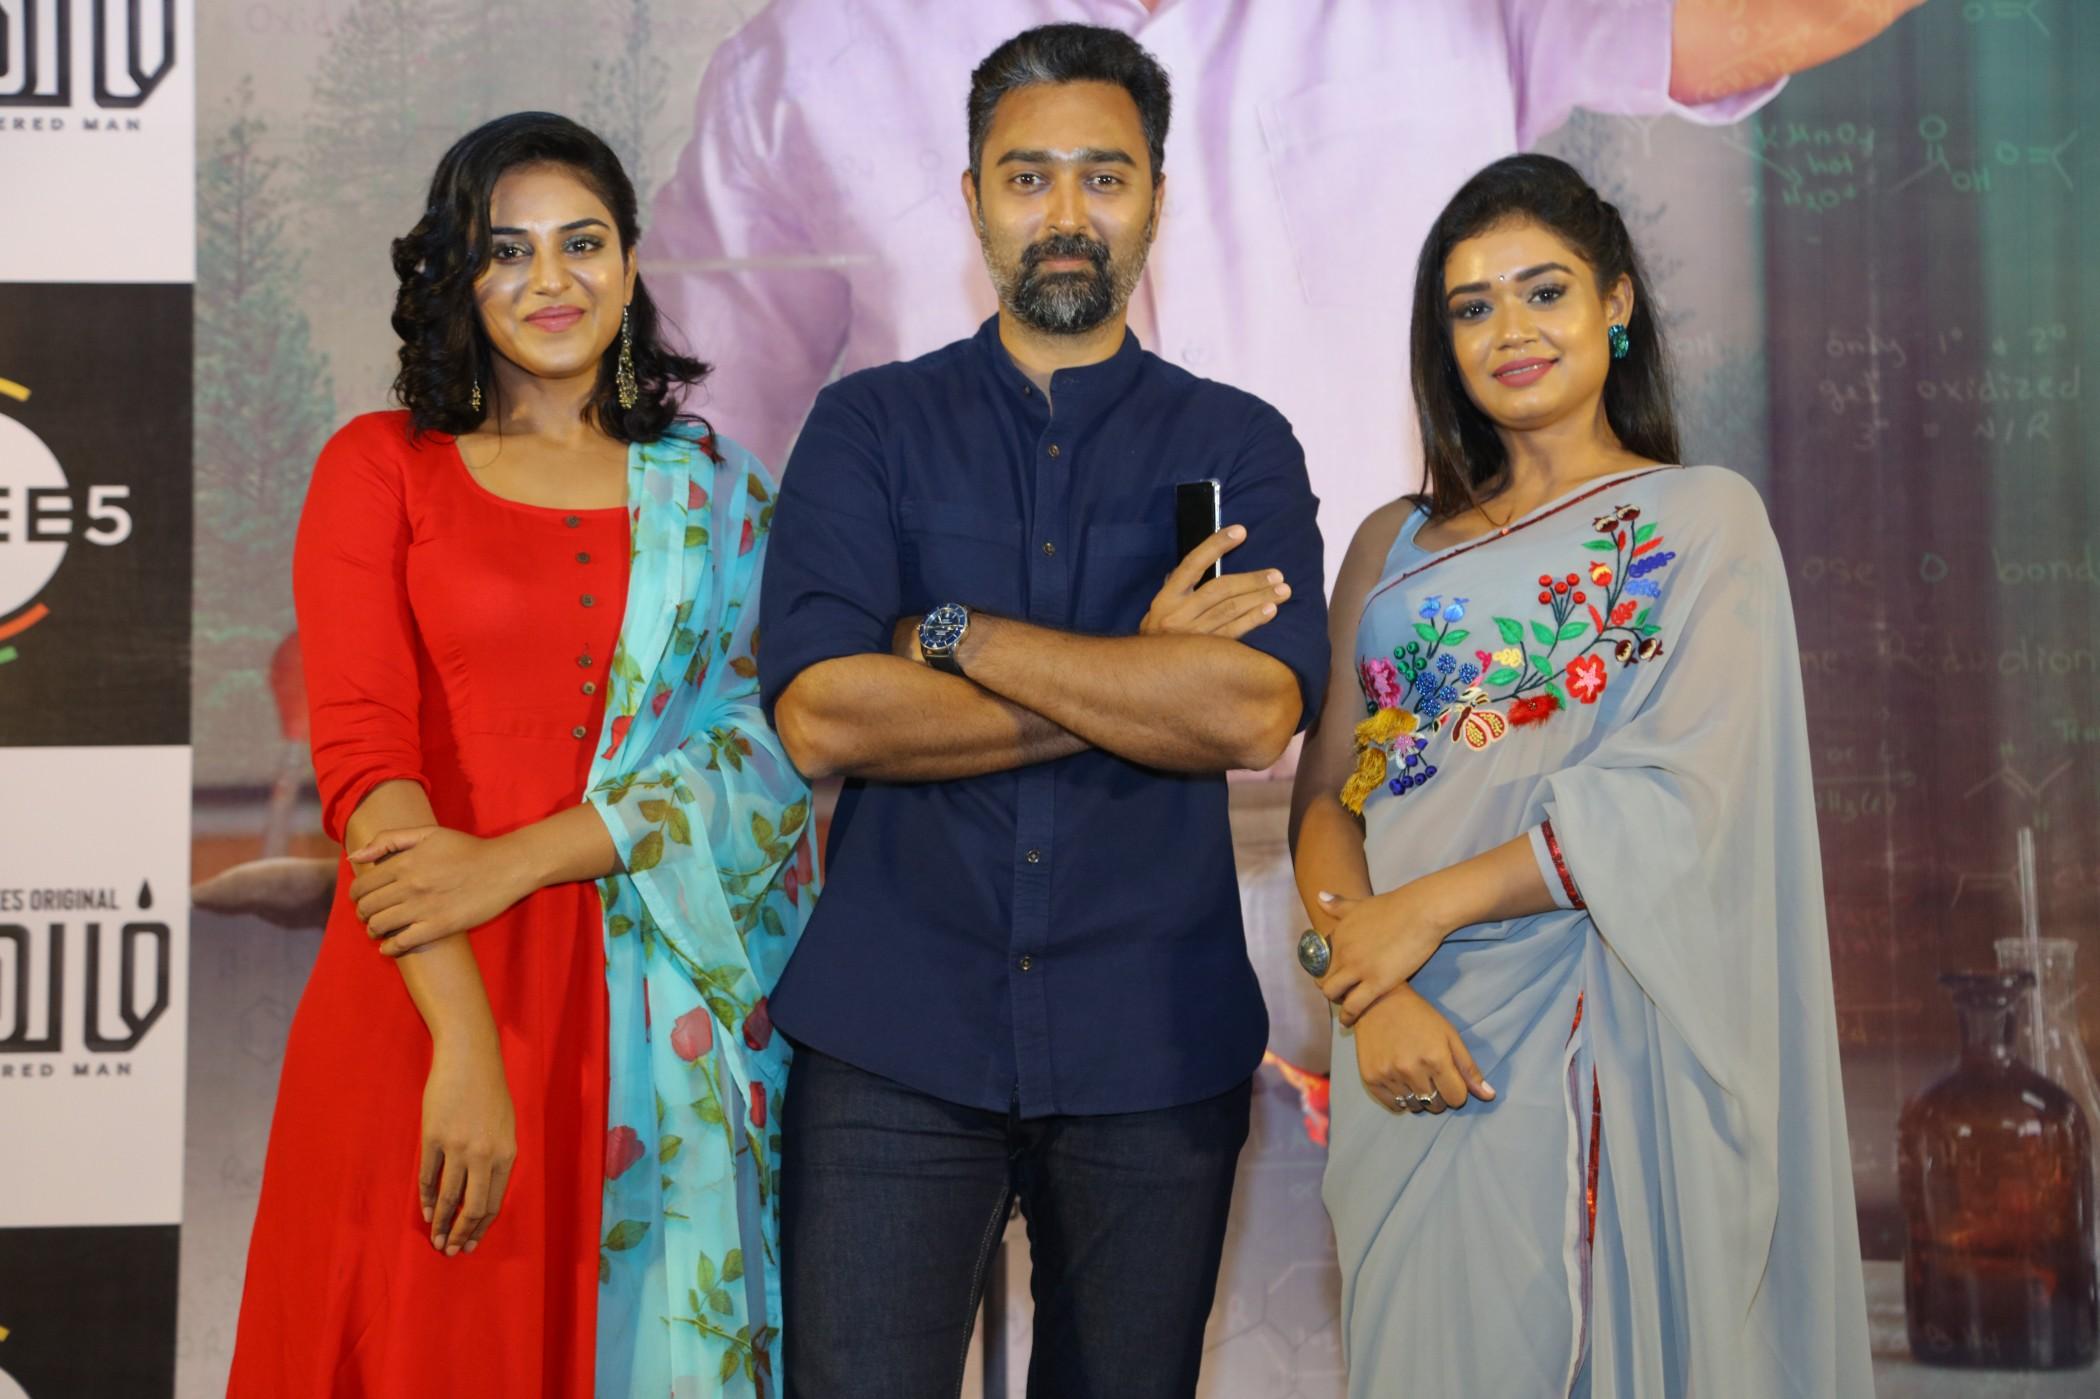 பிரசன்னா நடிக்கும் 'திரவம்' வெப் சீரிஸ்